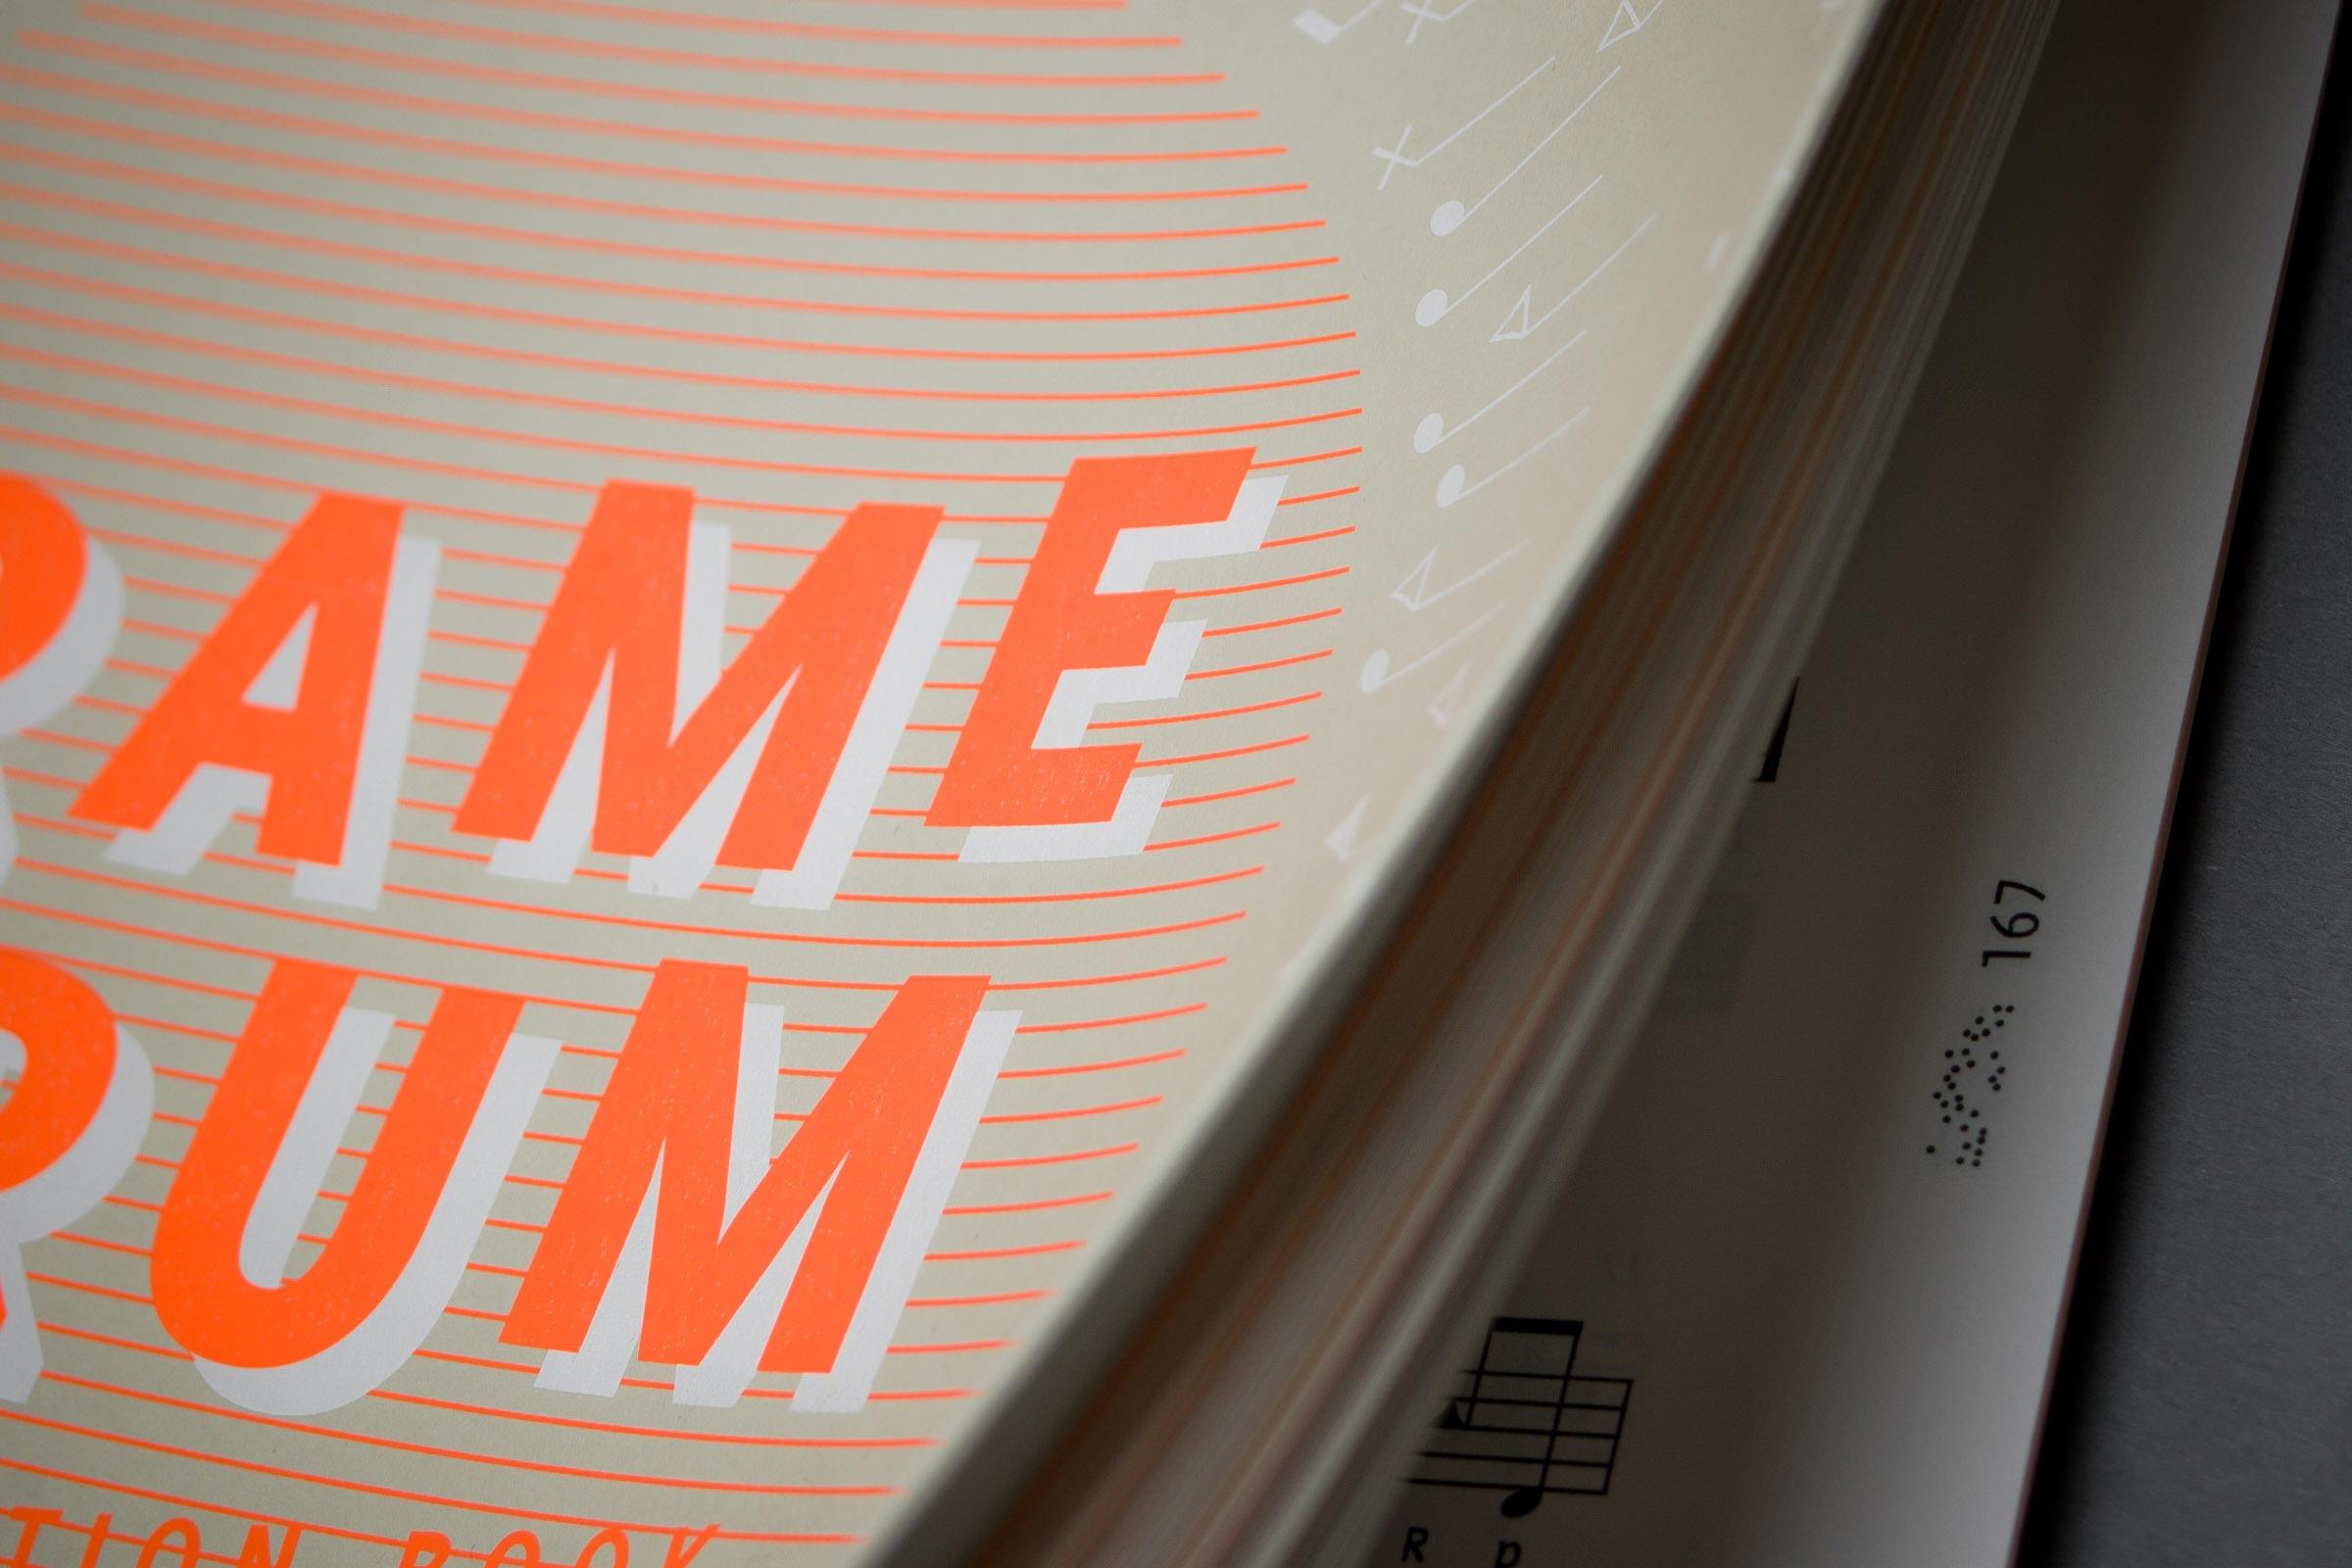 Detailansicht eines aufgeblätterten Übungsheft mit Fokus auf die Details des Covers und den Seitenindex